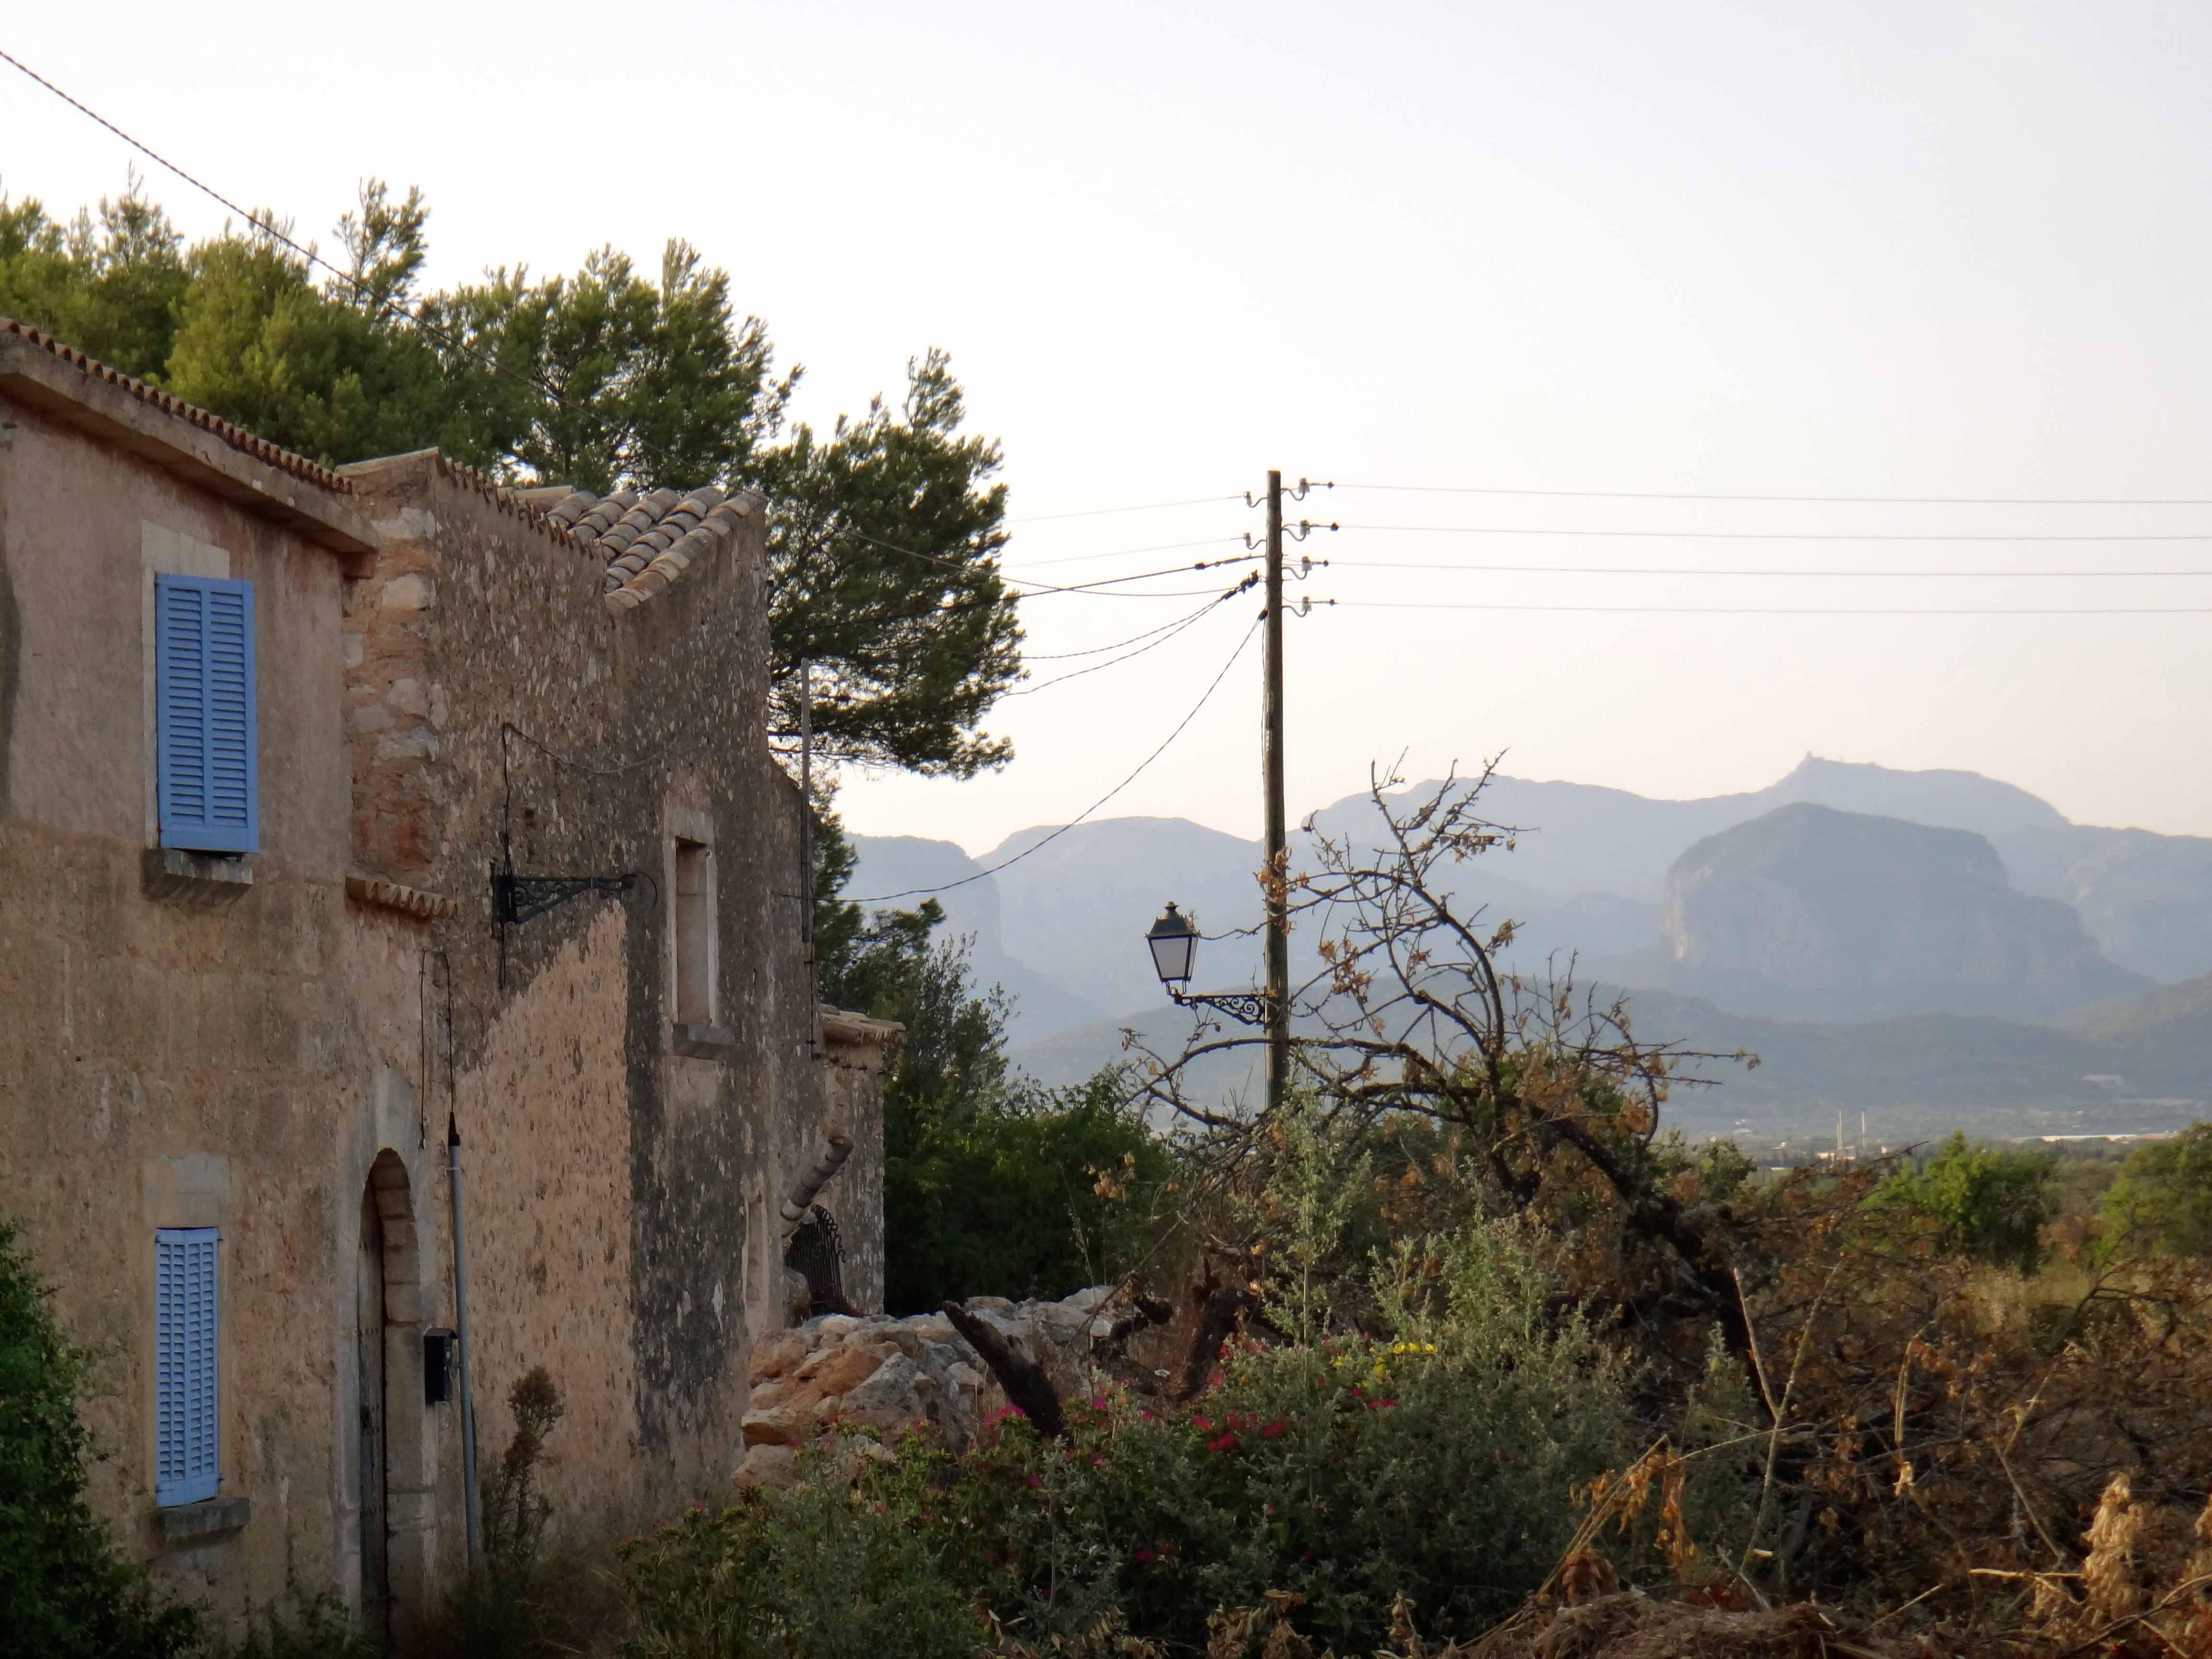 Les jolis villages de Majorque  Les jolis villages de Majorque  Les jolis villages de Majorque  Les jolis villages de Majorque